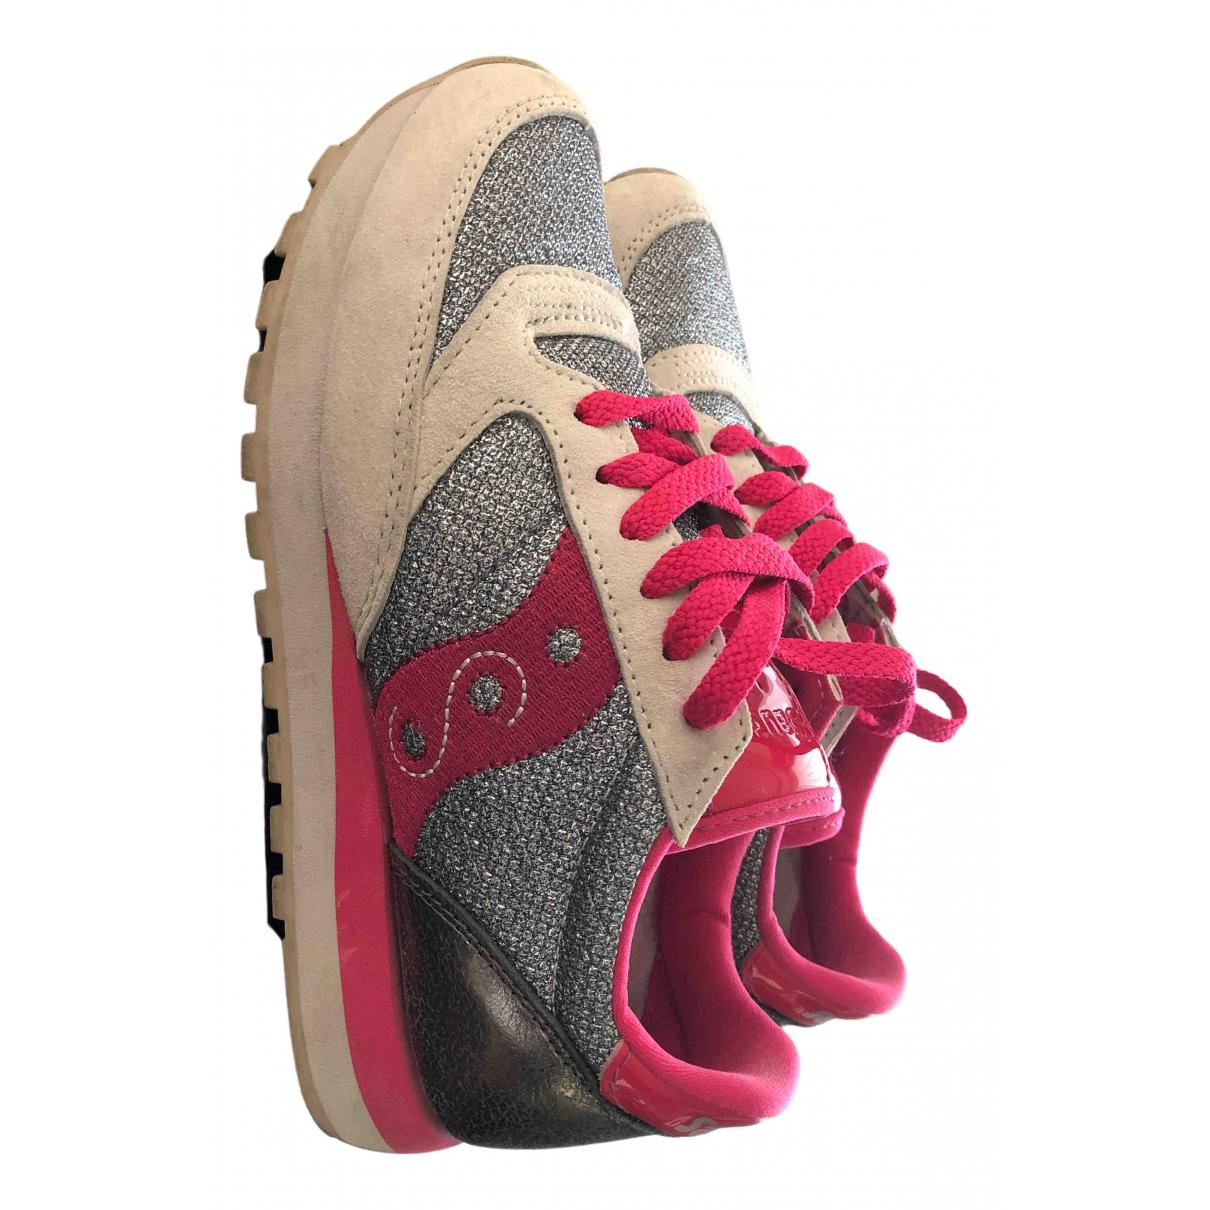 Saucony \N Sneakers in  Beige Mit Pailletten